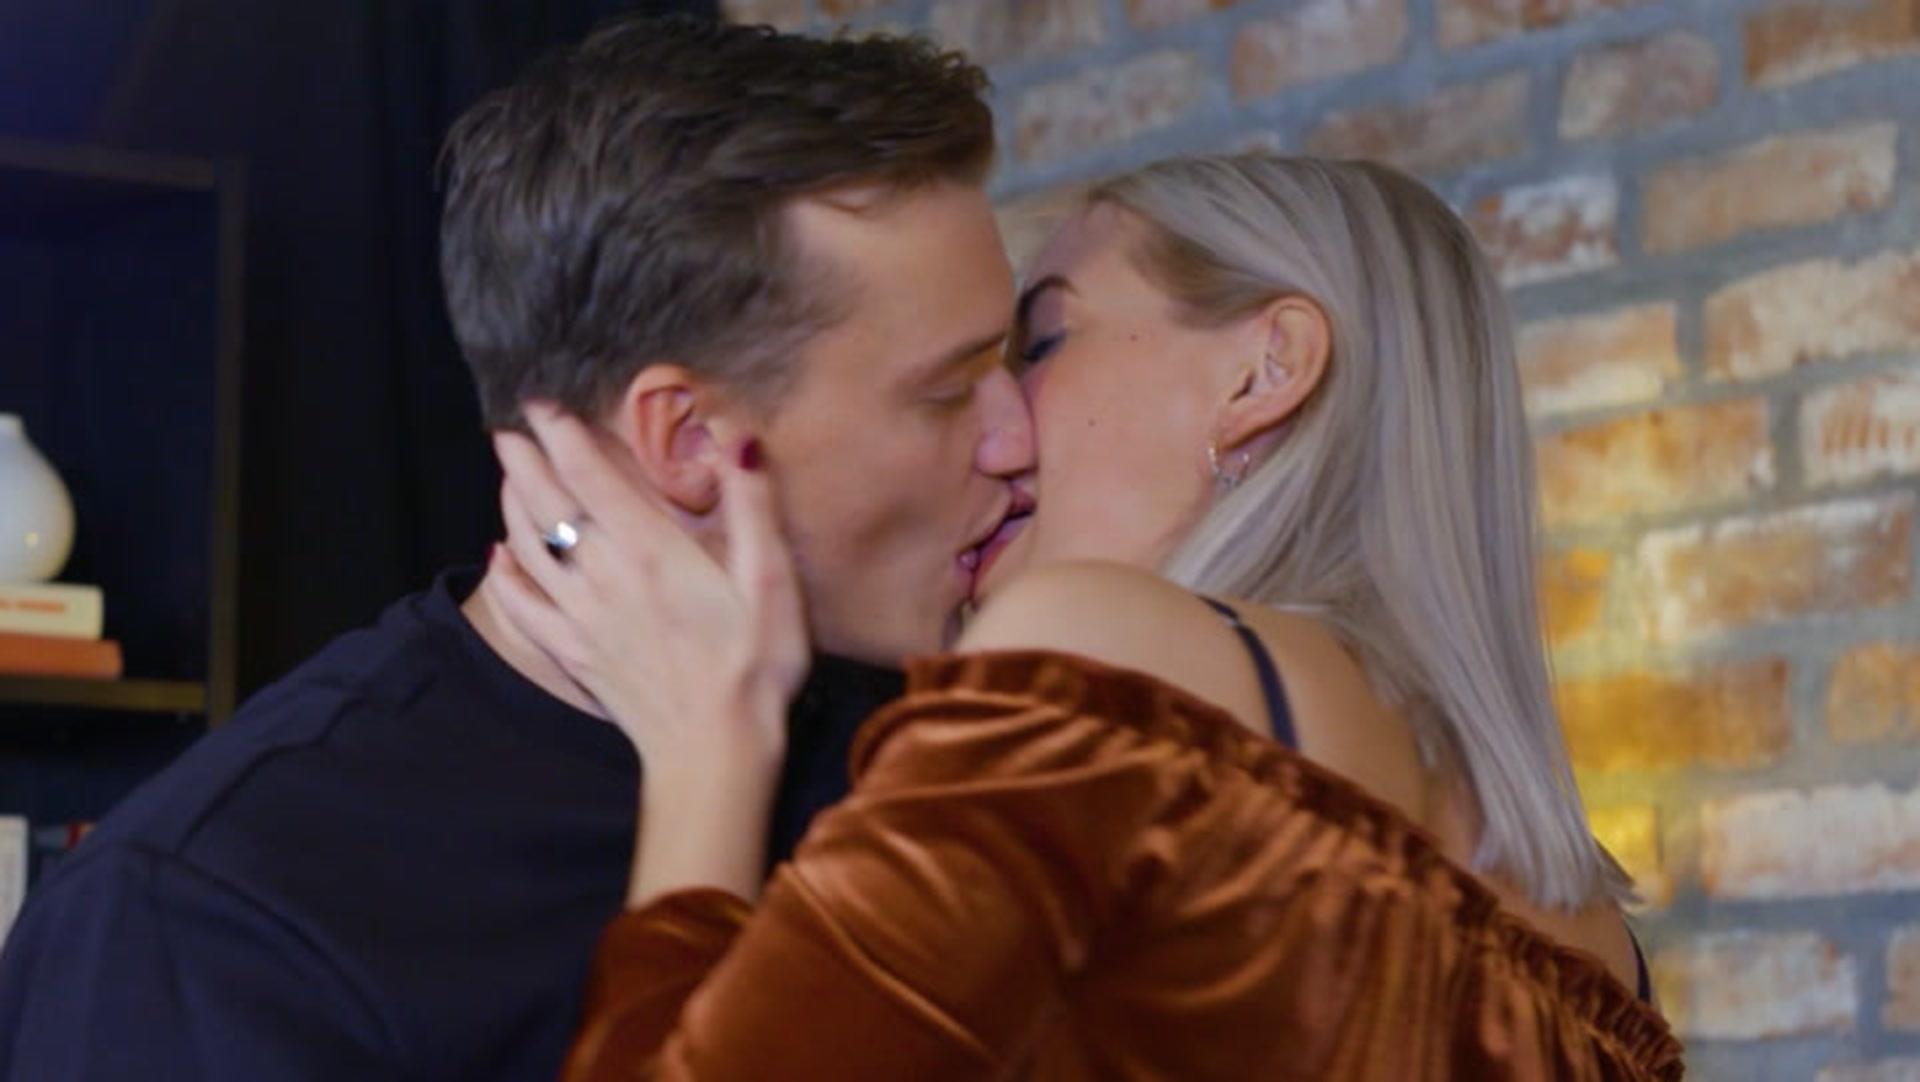 pinlig dating videoer homofil sex nettsteder NYC